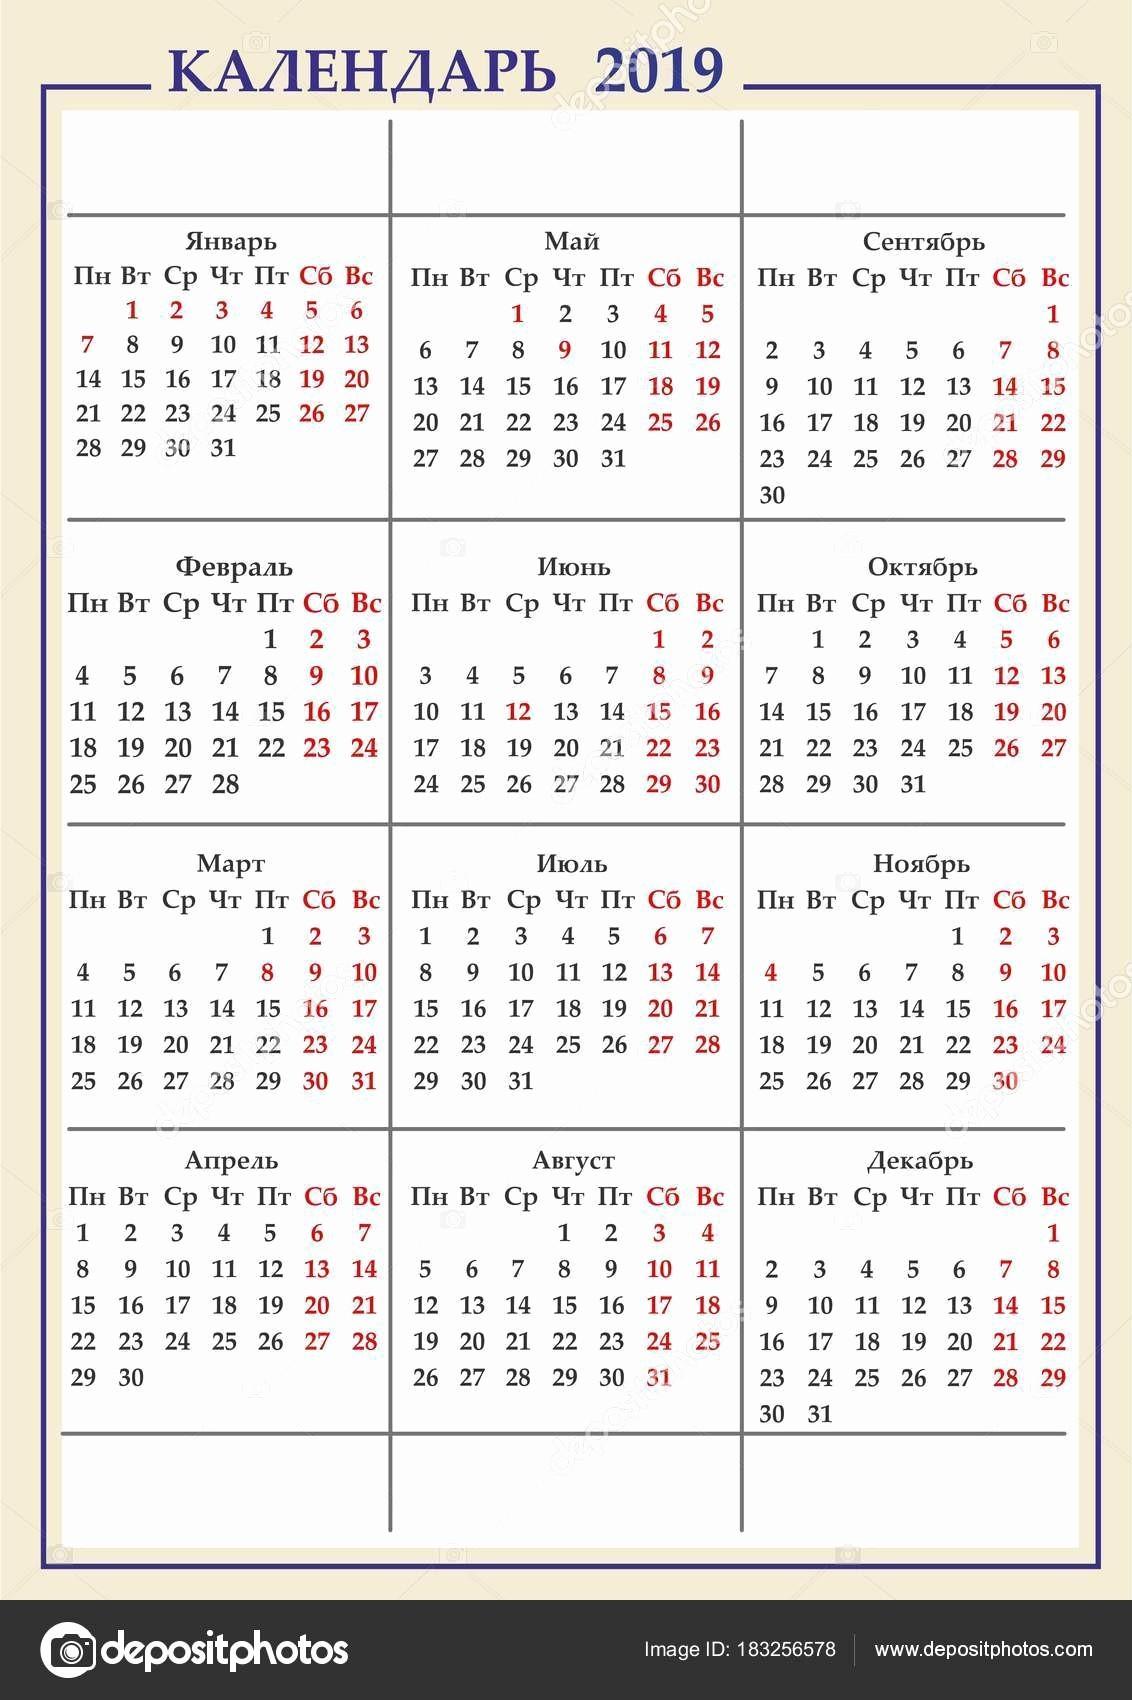 calendario 2019 con festivos excel mas reciente vaselina calendario de amor 2019 calendario 2019 rusia vector vector of calendario 2019 con festivos excel